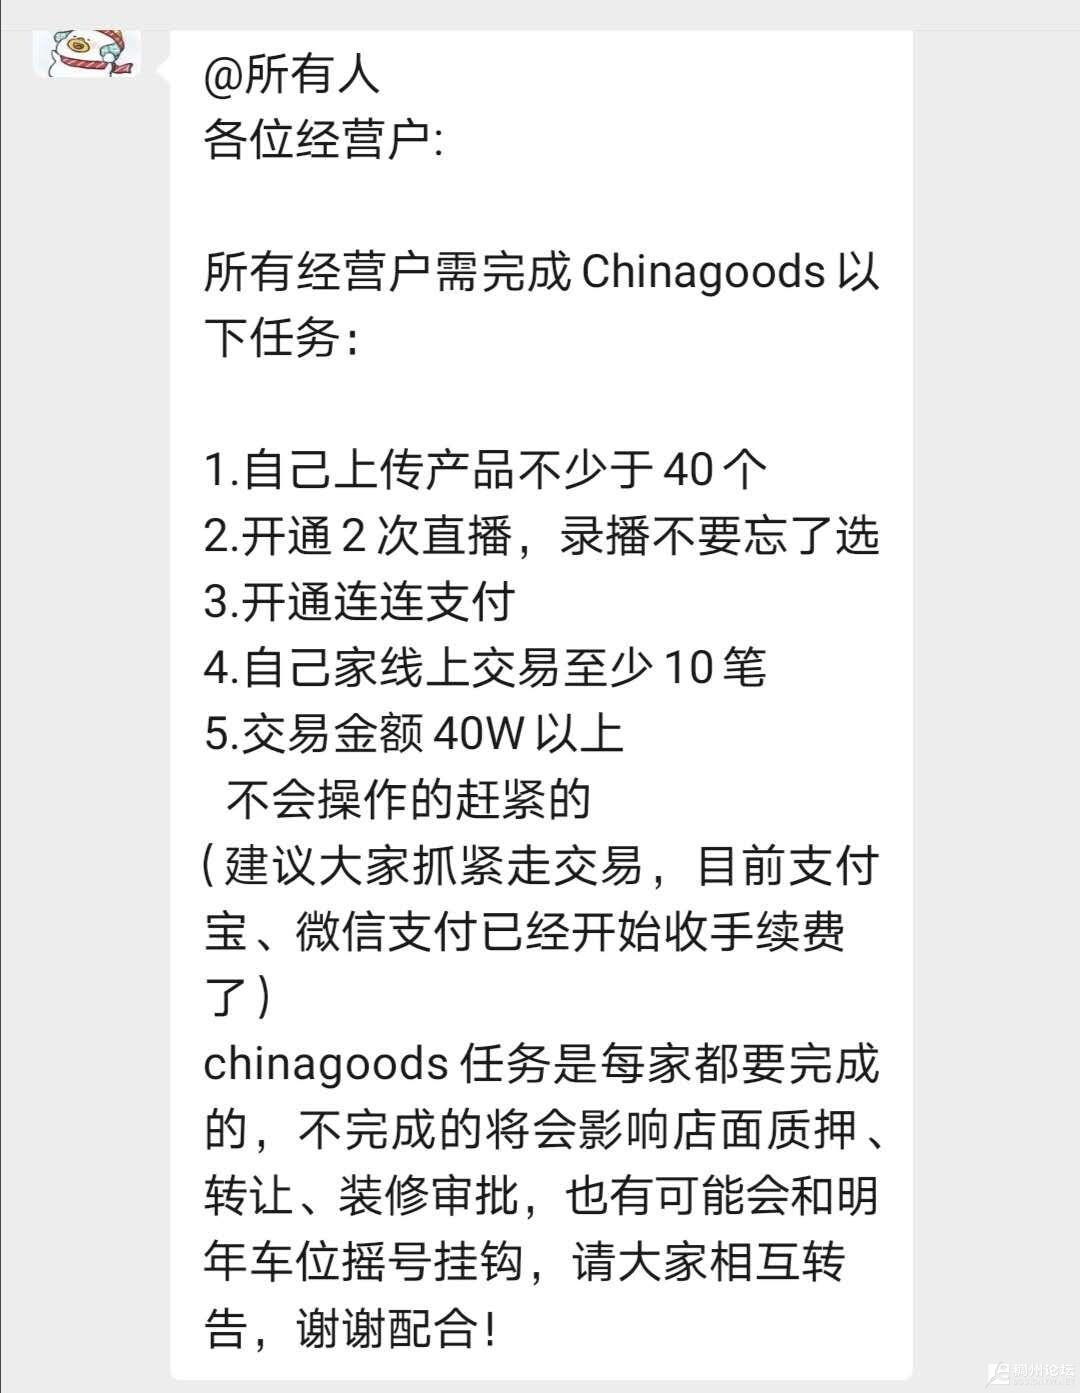 chinagoods.jpg